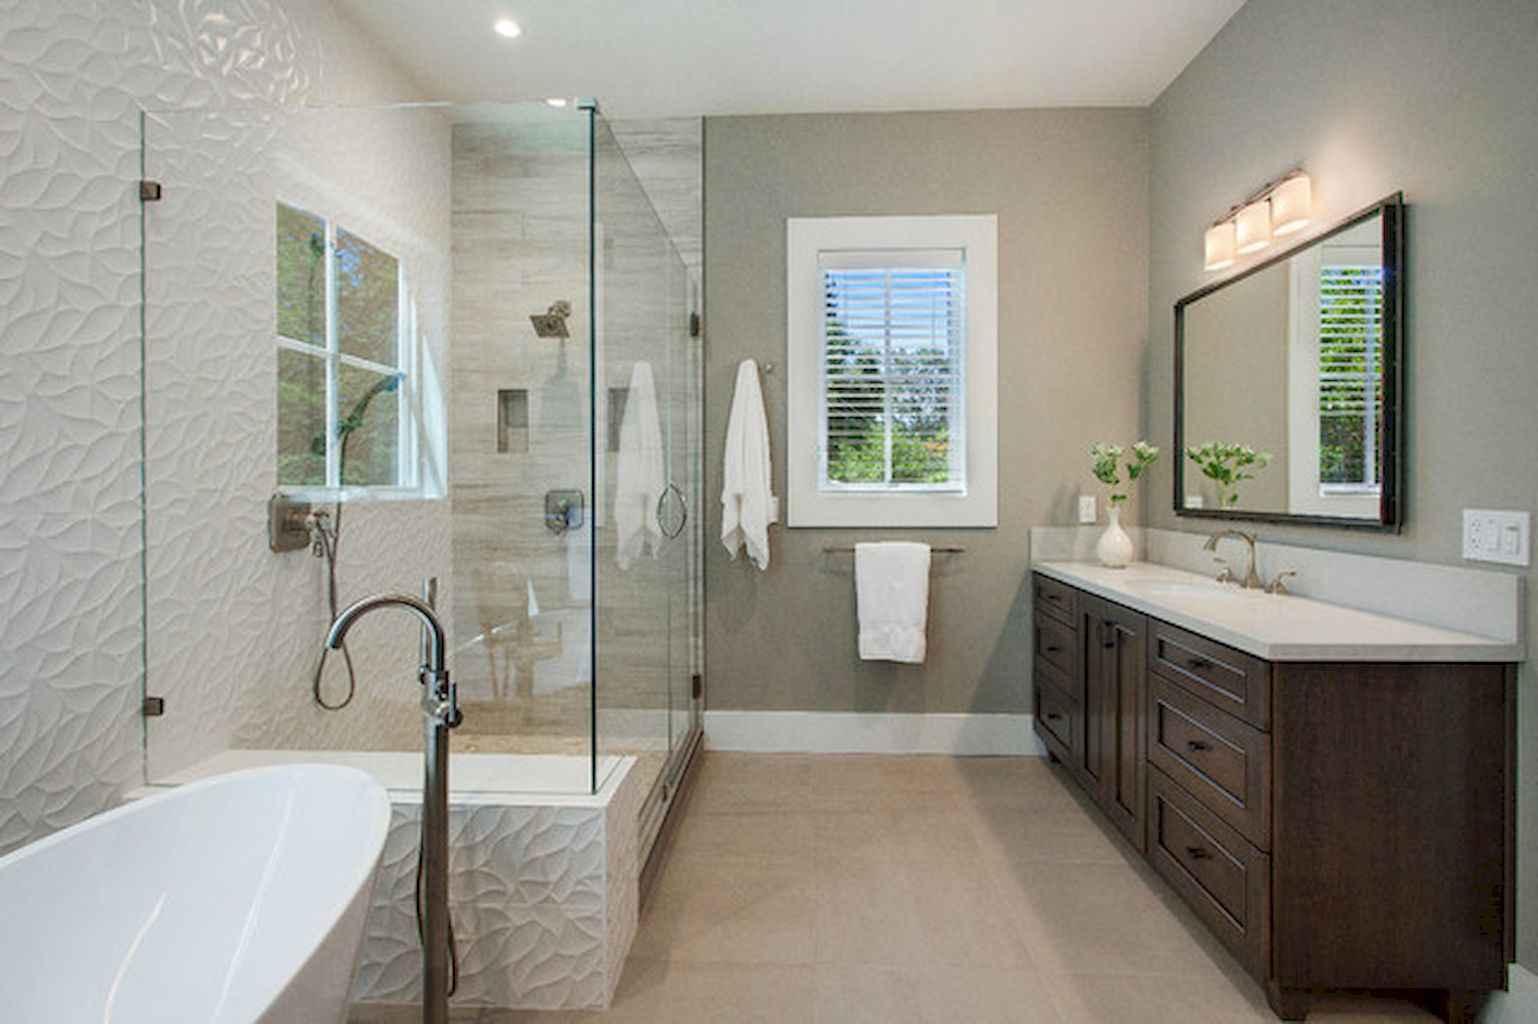 120 Modern Farmhouse Bathroom Design Ideas And